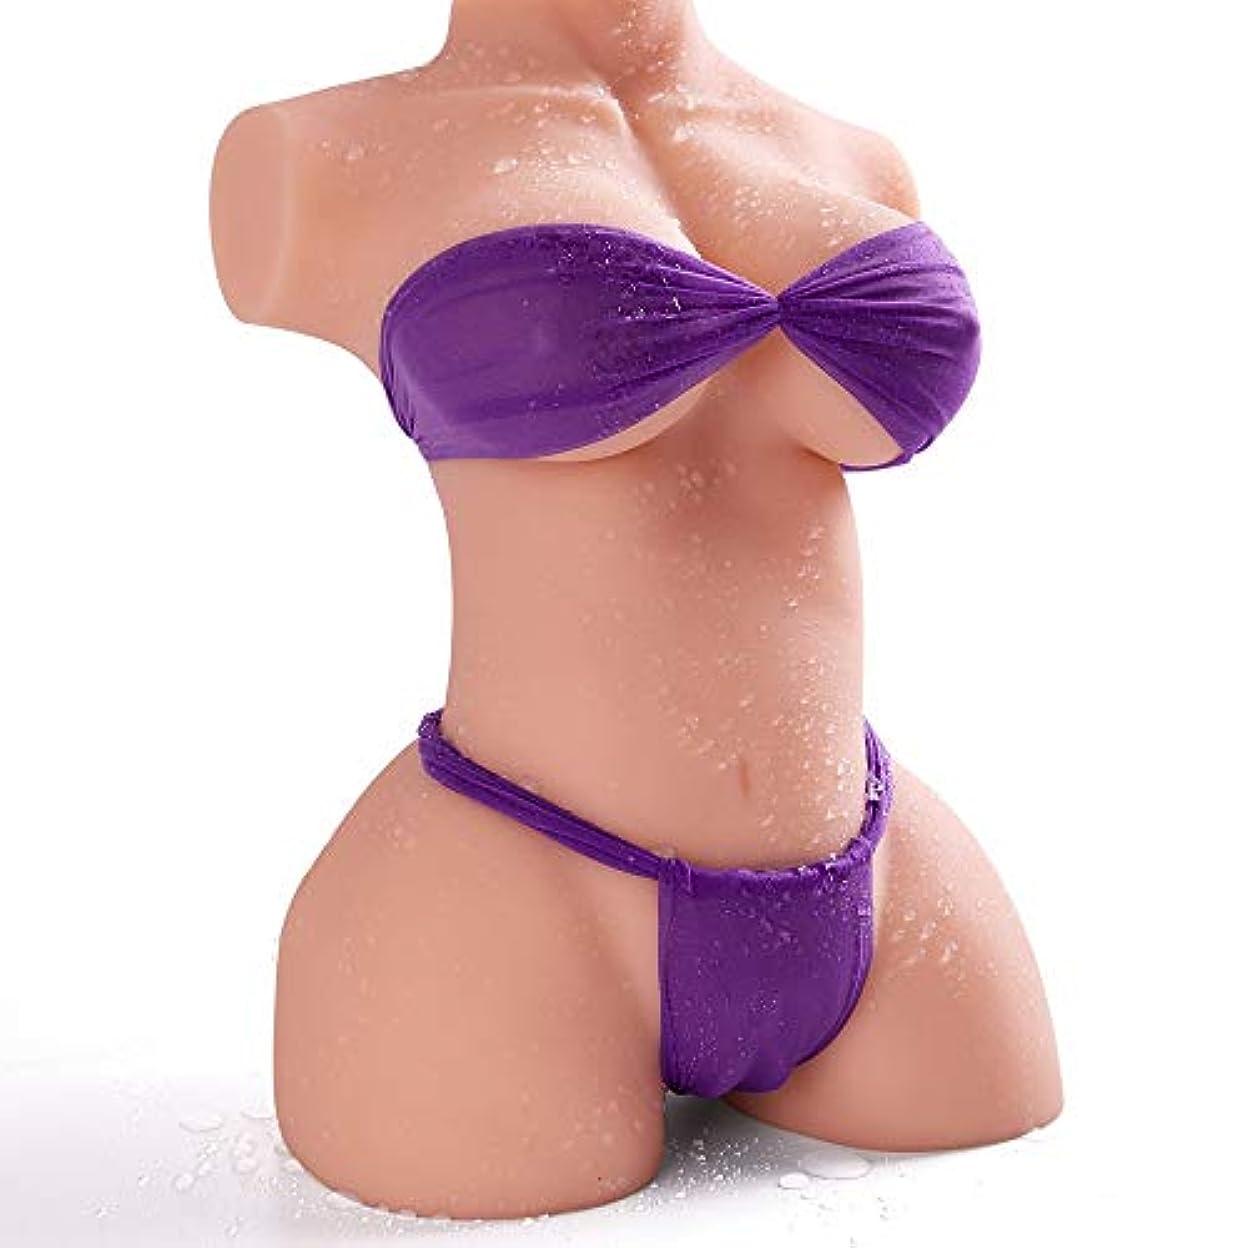 持参安定したモールス信号男性のための男性のフルサイズの大人のおもちゃポケットPûssey-プッシー3D現実的な皮膚感ハンズフリースリーブストローツールのためのリアルなラブDoles,彼への最高の贈り物